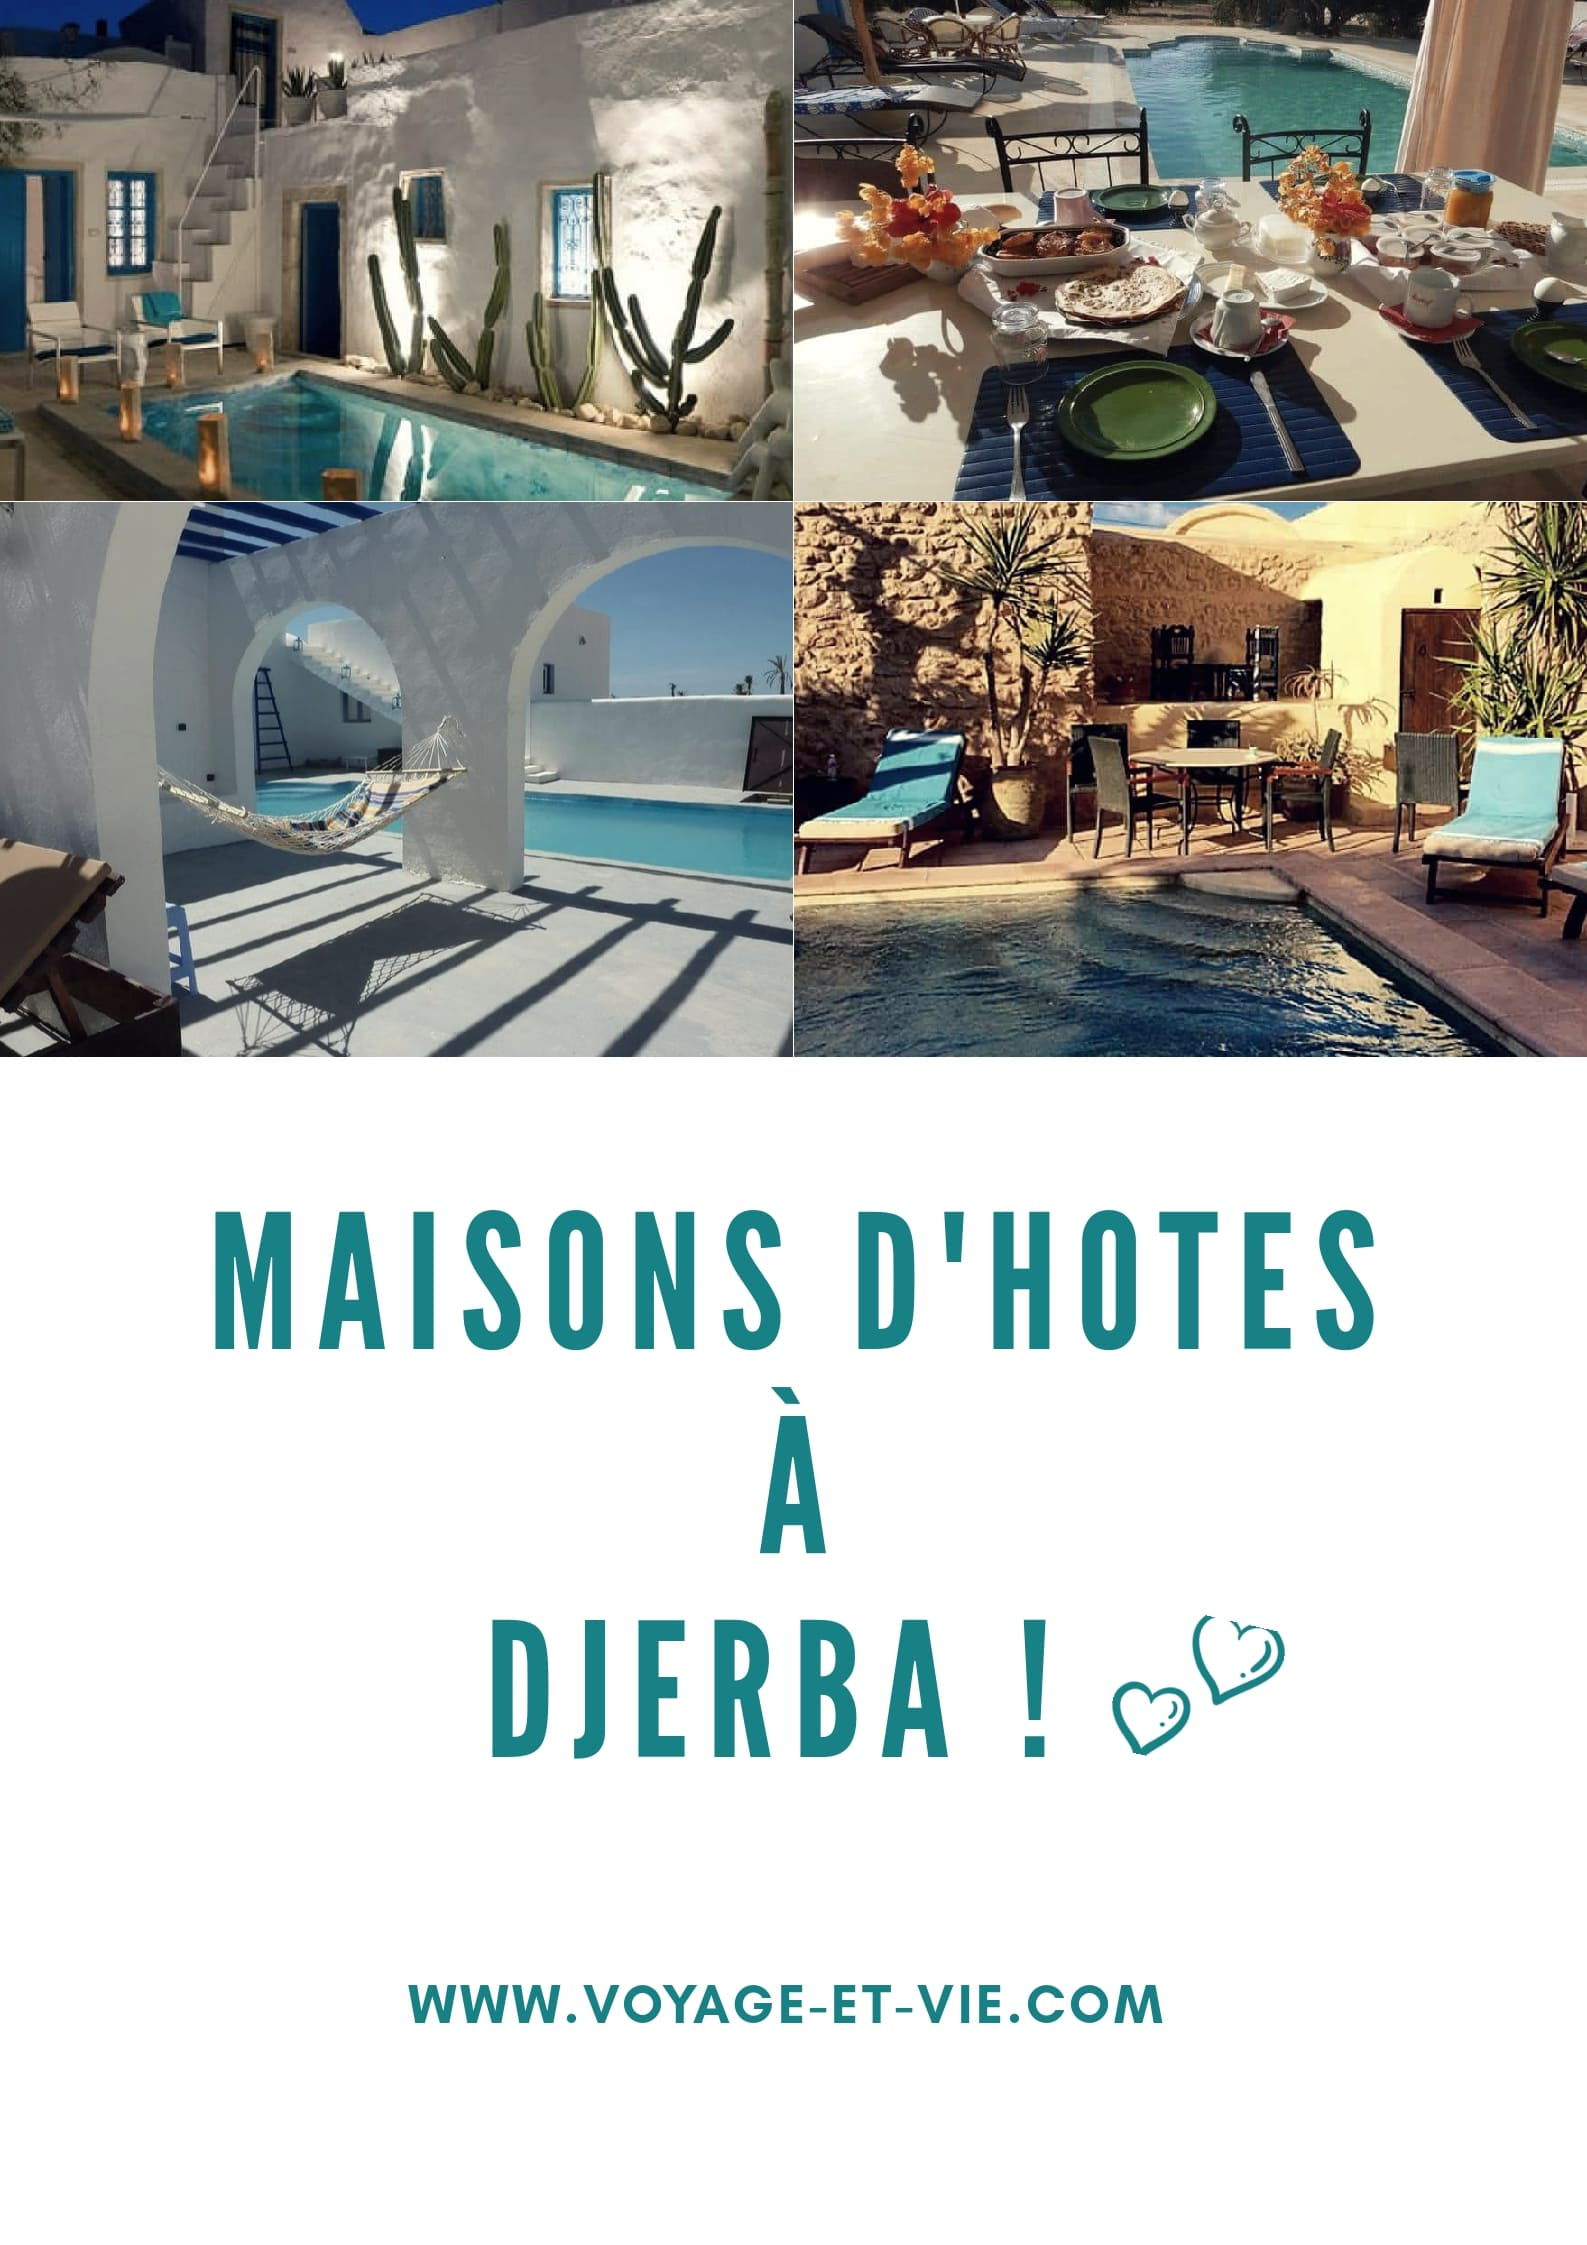 Les meilleurs maisons d'hôtes à Djerba